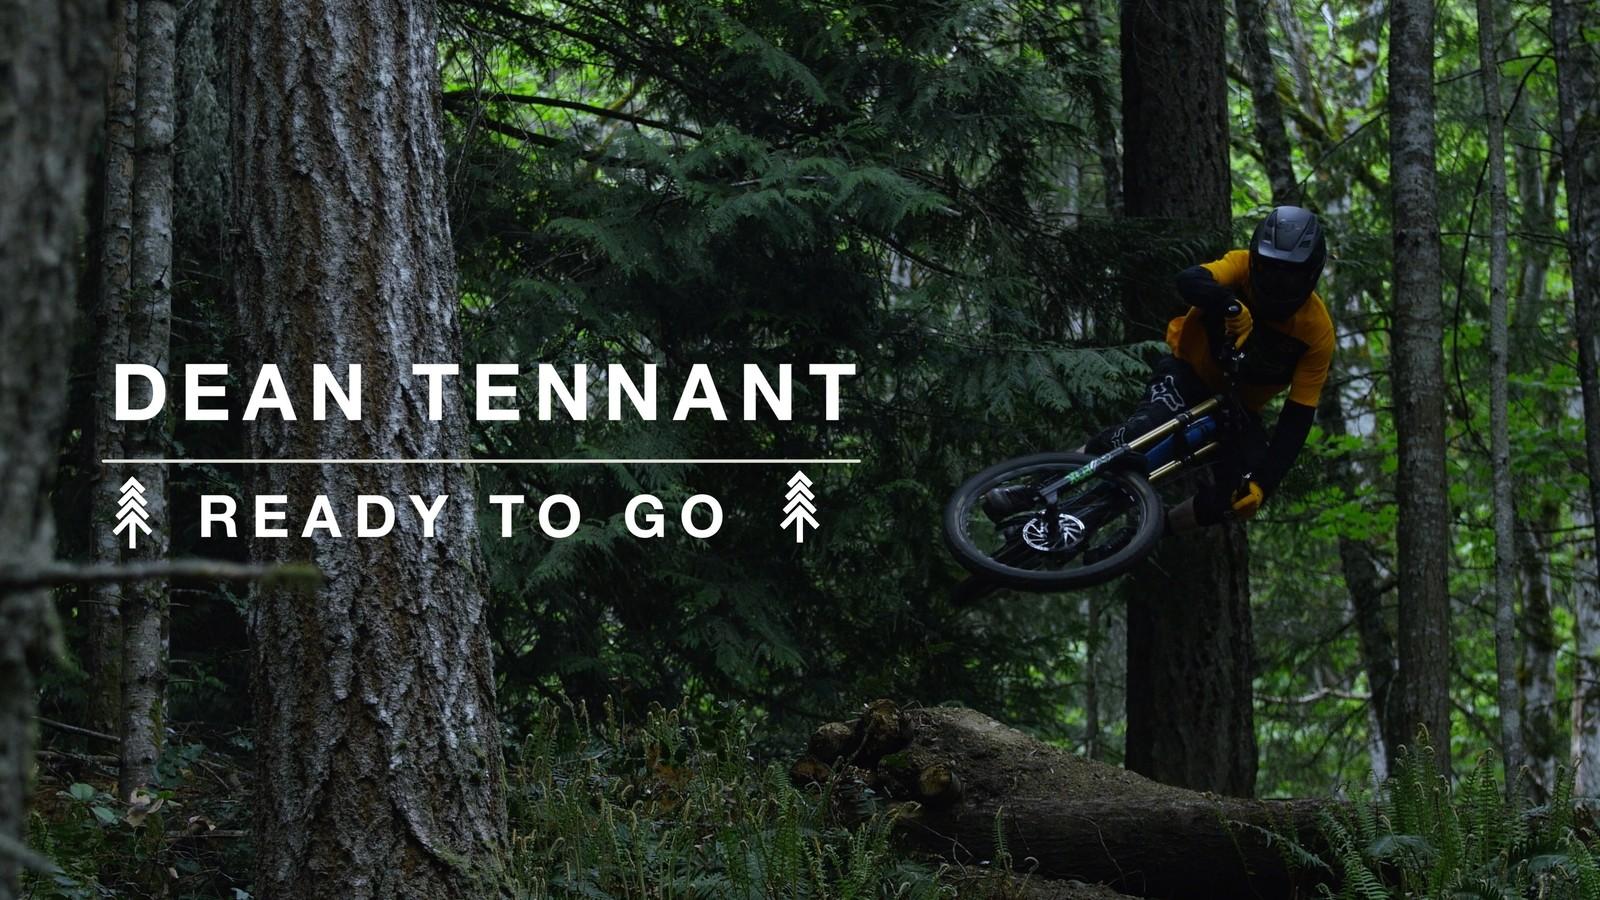 Dean Tennant, Ready To Go - Video